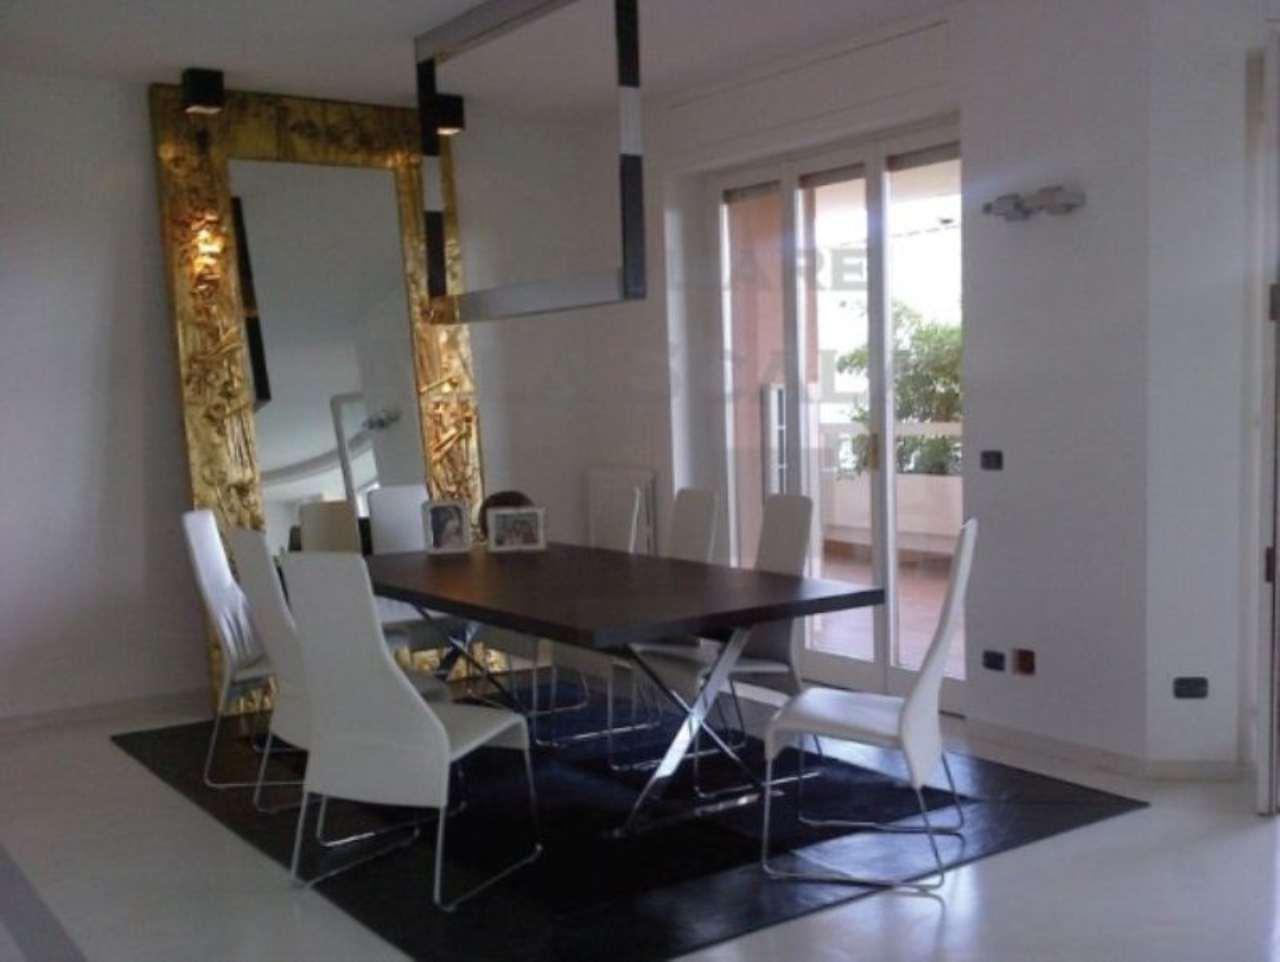 Appartamento in vendita a Milano, 5 locali, zona Zona: 14 . Lotto, Novara, San Siro, QT8 , Montestella, Rembrandt, prezzo € 1.500.000   Cambio Casa.it